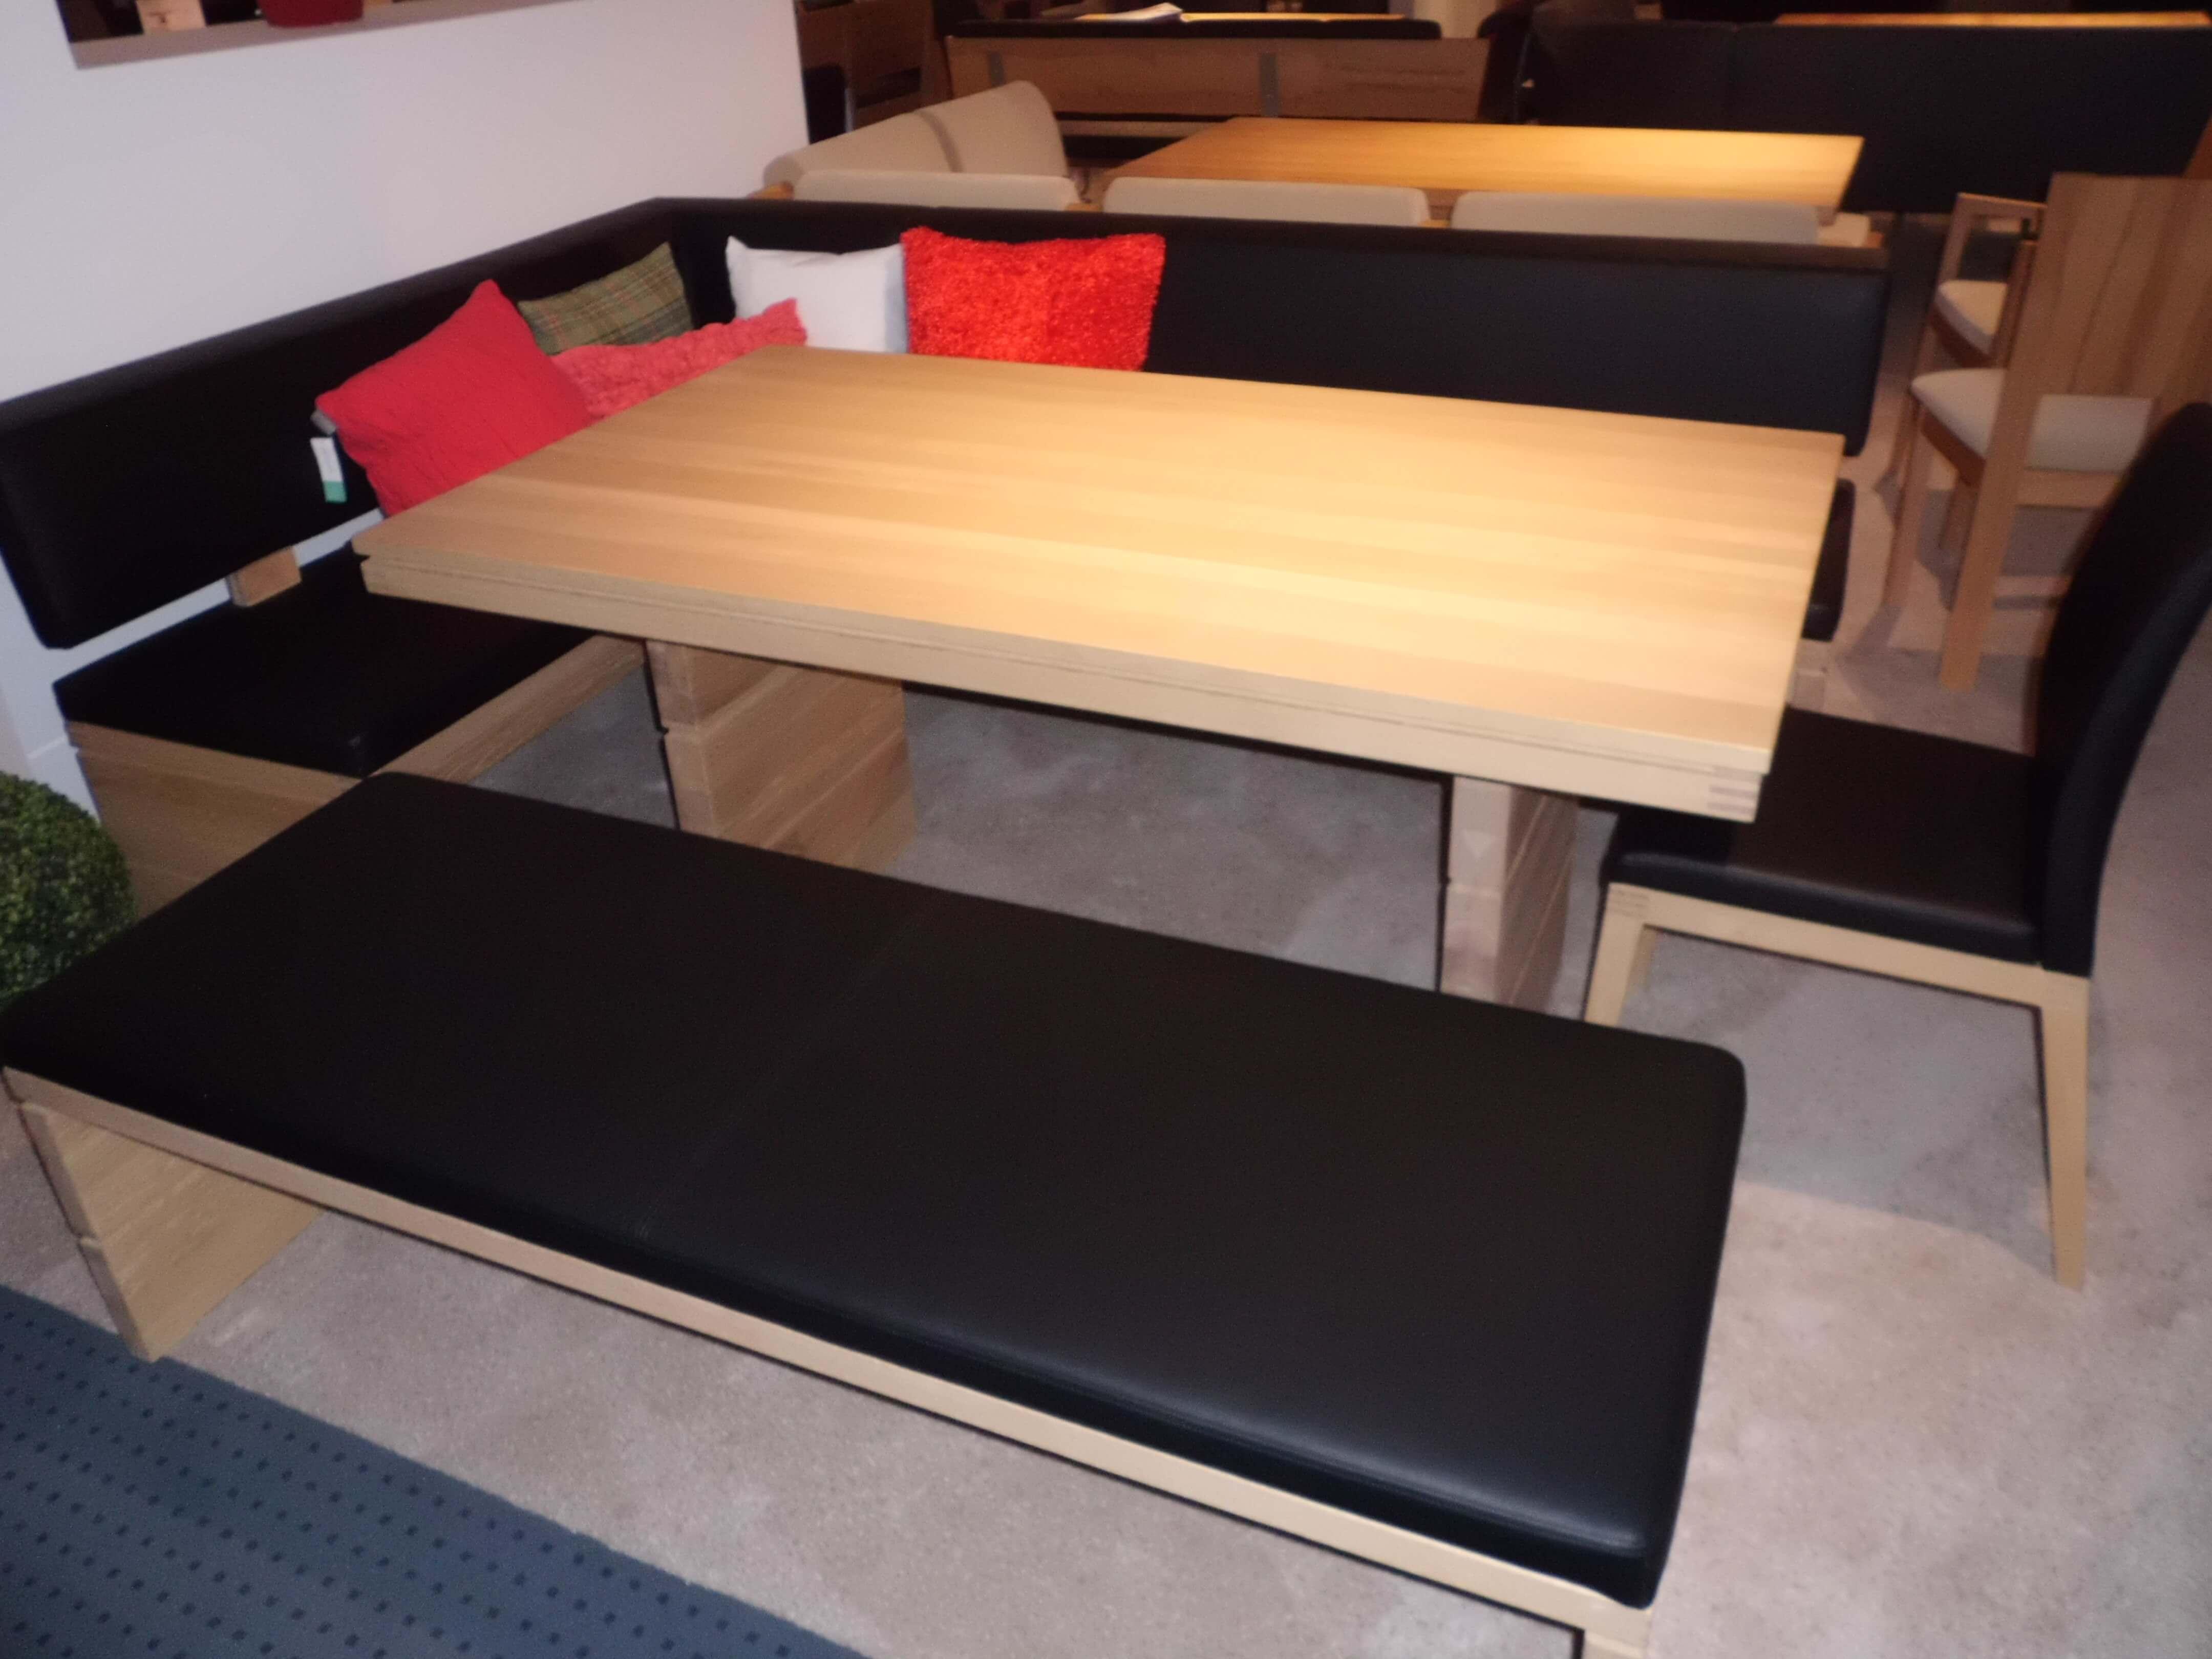 speisezimmer reduziert im abverkauf bei m bel frauendorfer. Black Bedroom Furniture Sets. Home Design Ideas